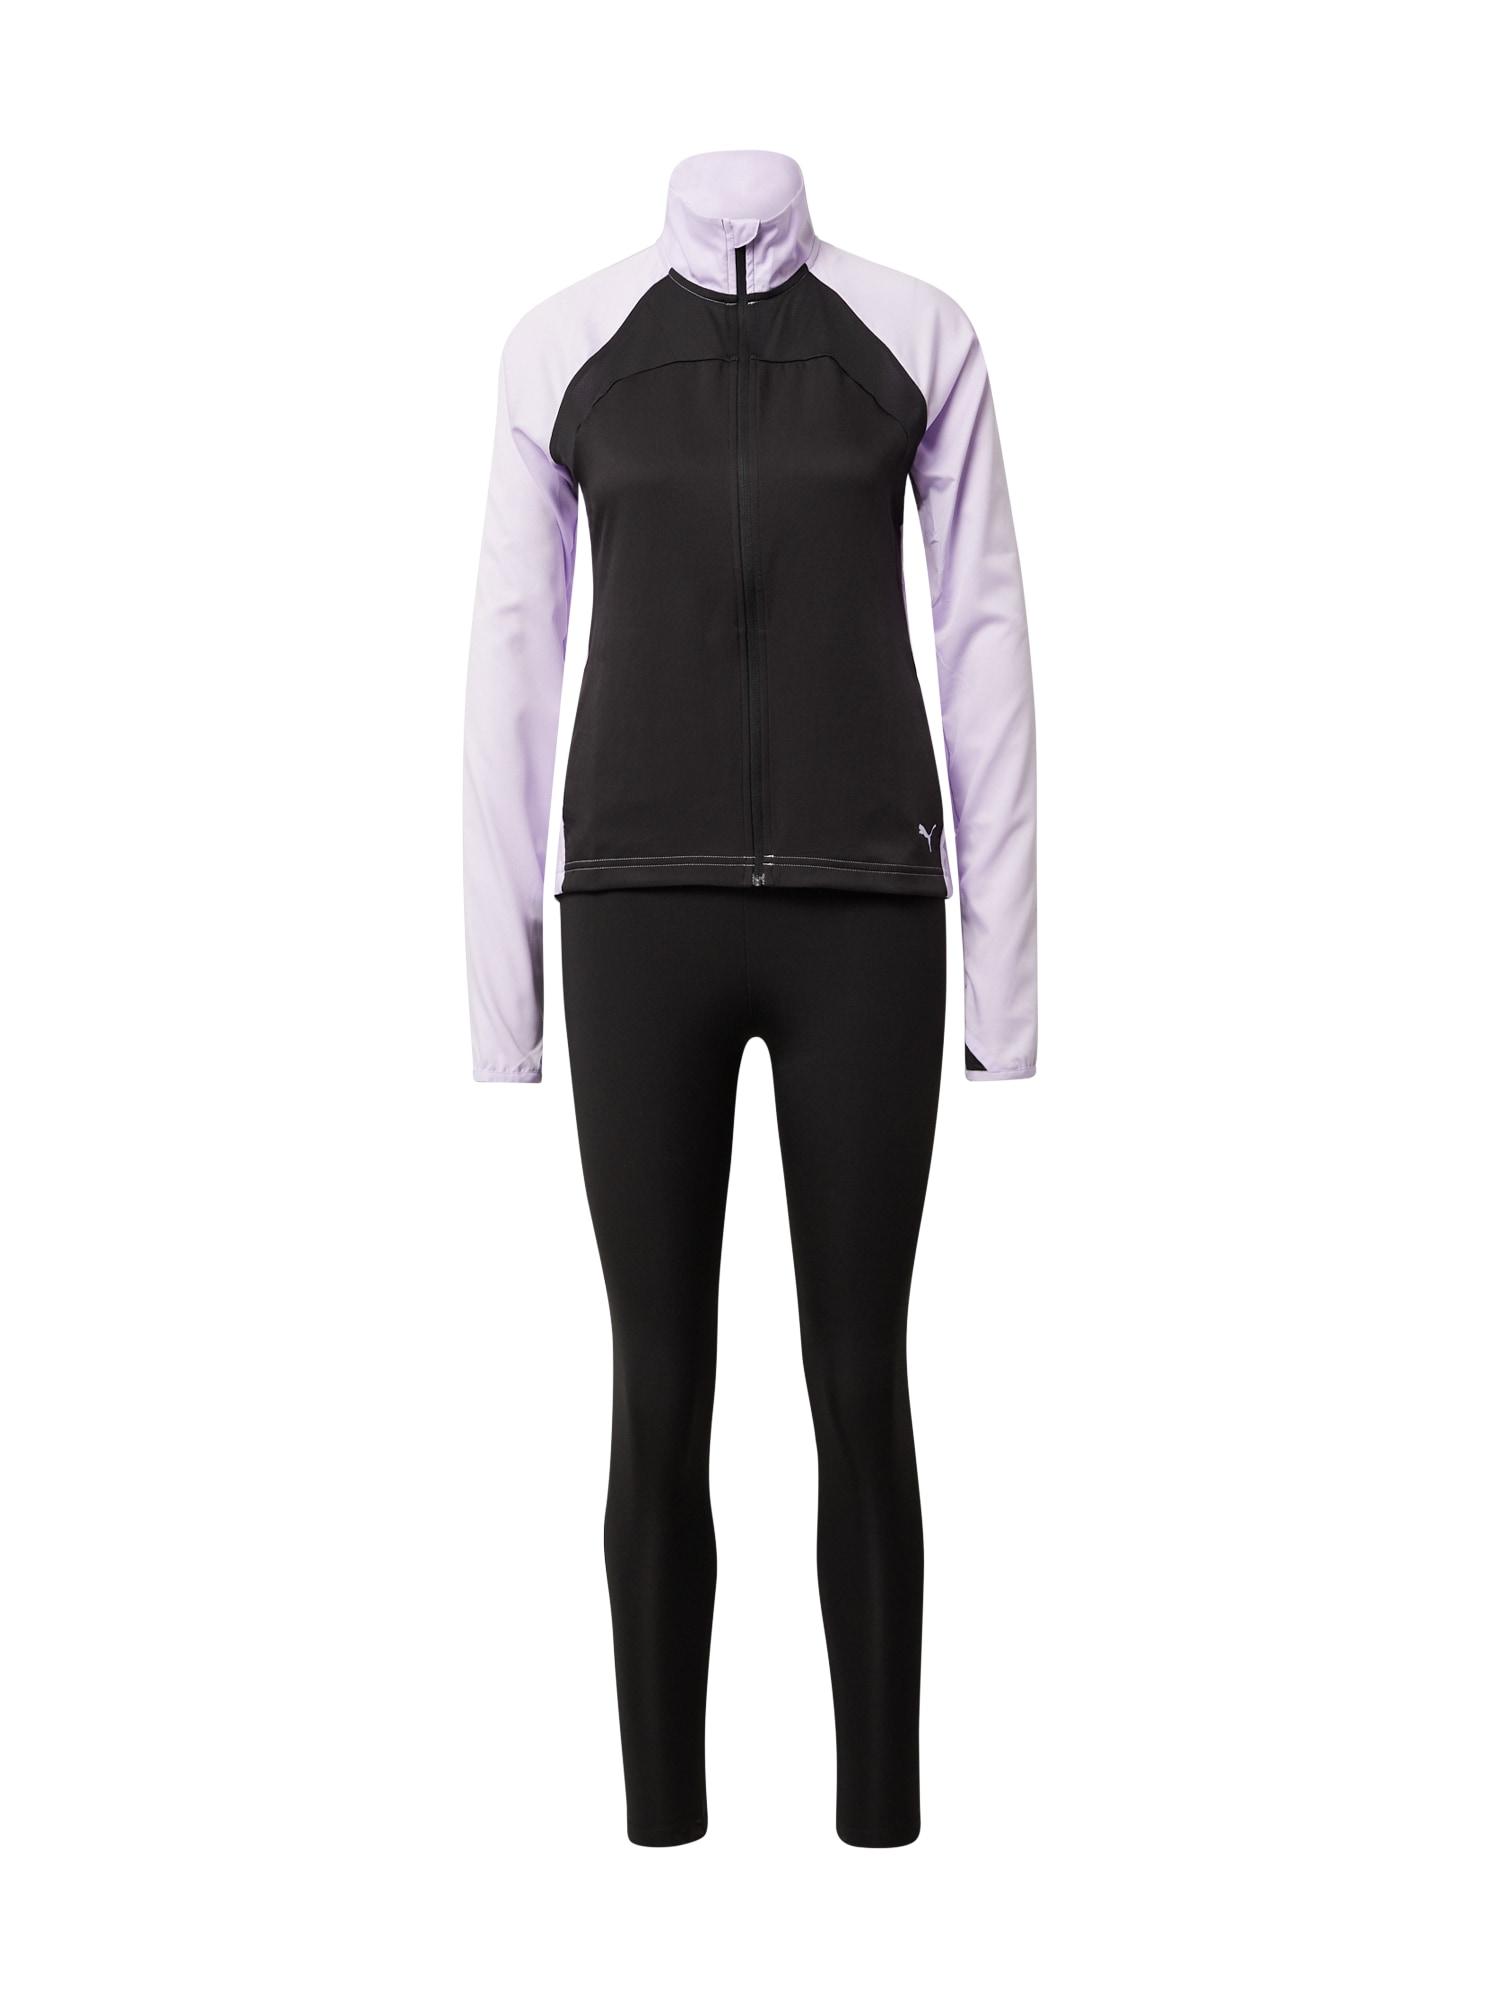 PUMA Treniruočių kostiumas 'Active Yogini' pastelinė violetinė / juoda